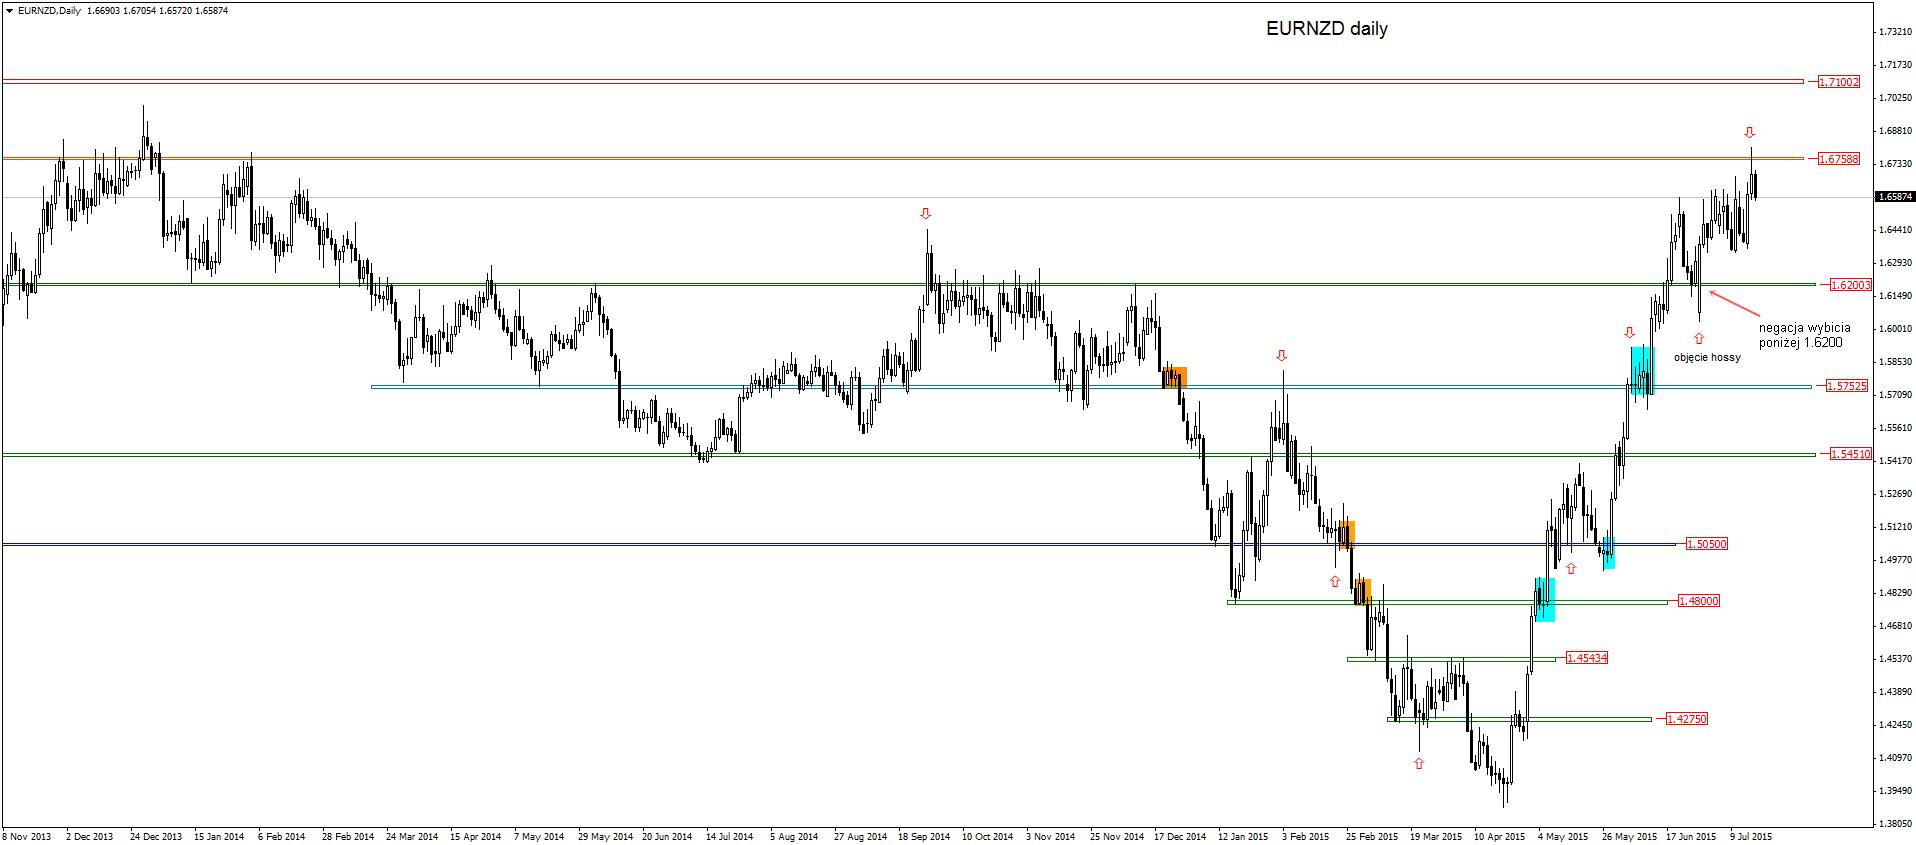 FXMAG forex eurnzd - cena powyżej 1.6200,  możliwy test 1.7000 1